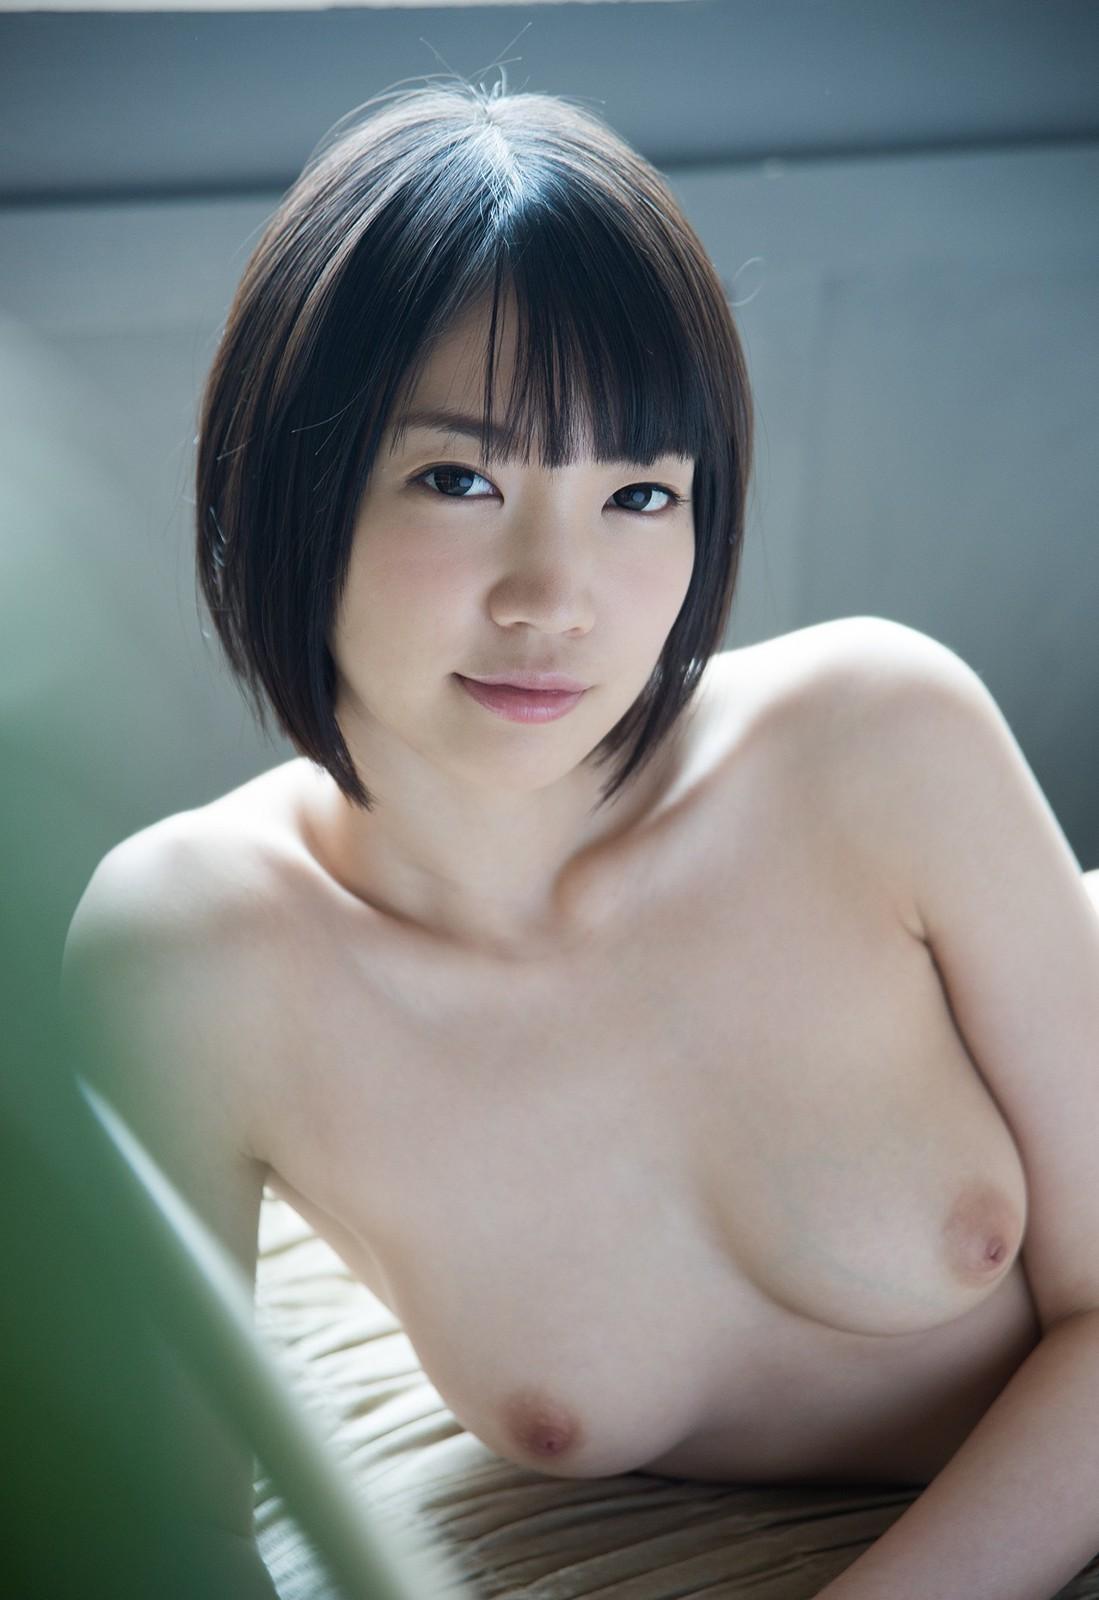 三次元 3次元 エロ画像 童顔 ロリ べっぴん娘通信 02